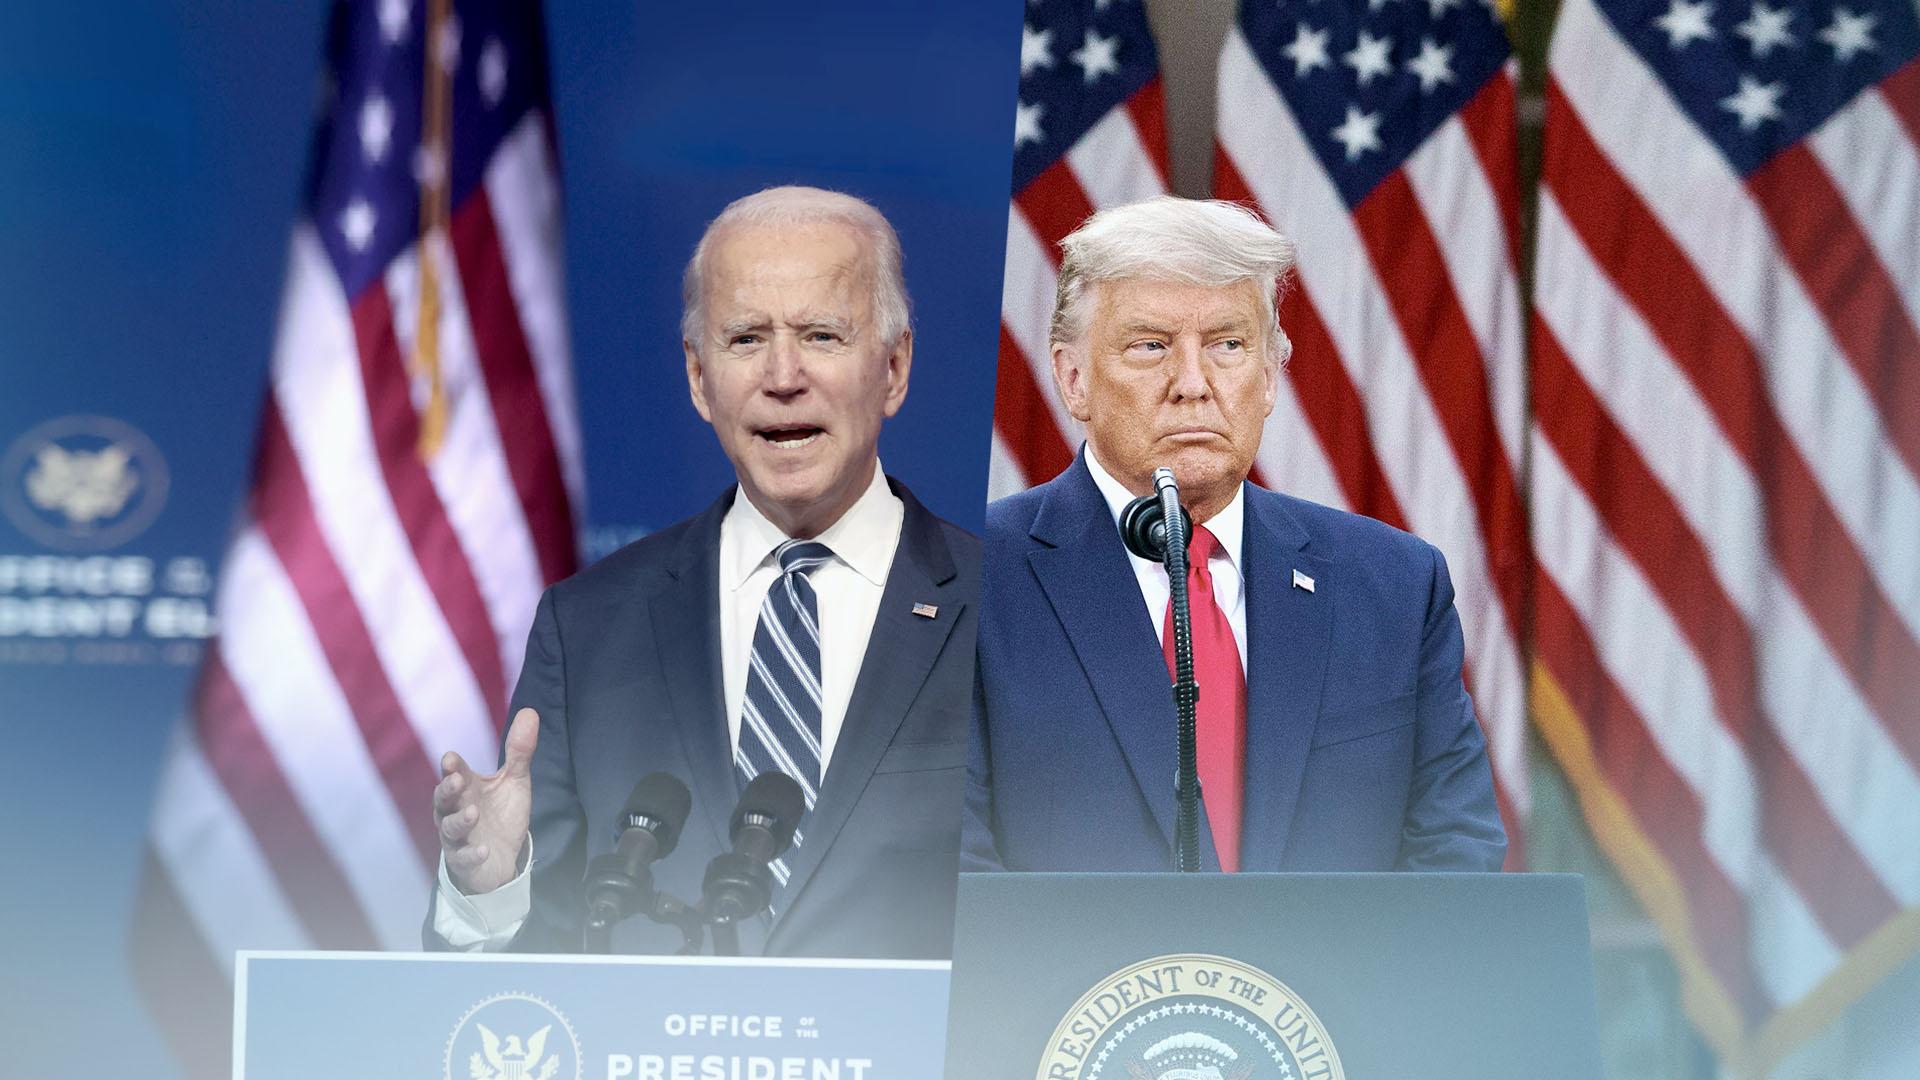 [김지수의 글로벌브리핑] 바이든, 백악관 후속인선 발표…최측근 줄 입성 外